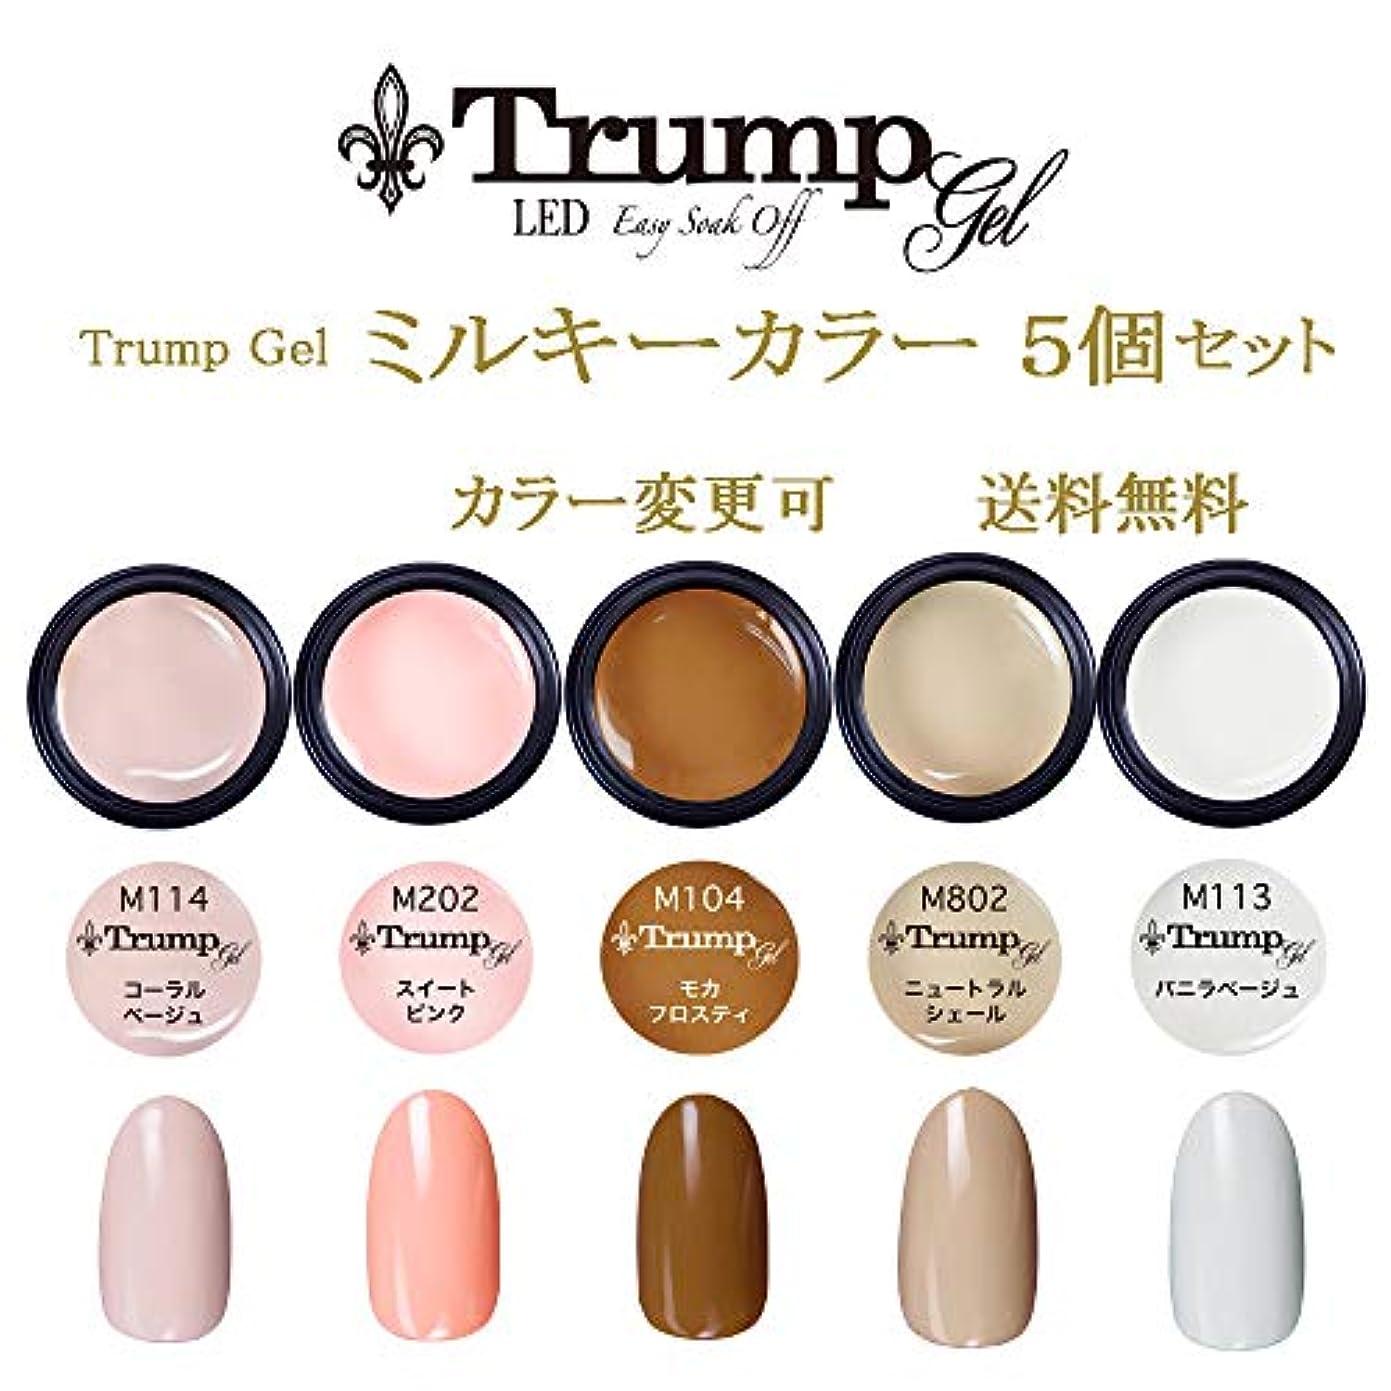 あえてエレベーターひねくれた【送料無料】日本製 Trump gel トランプジェル ミルキーカラー 選べる カラージェル 5個セット ミルキーネイル ベージュ ピンク ミルキー カラー